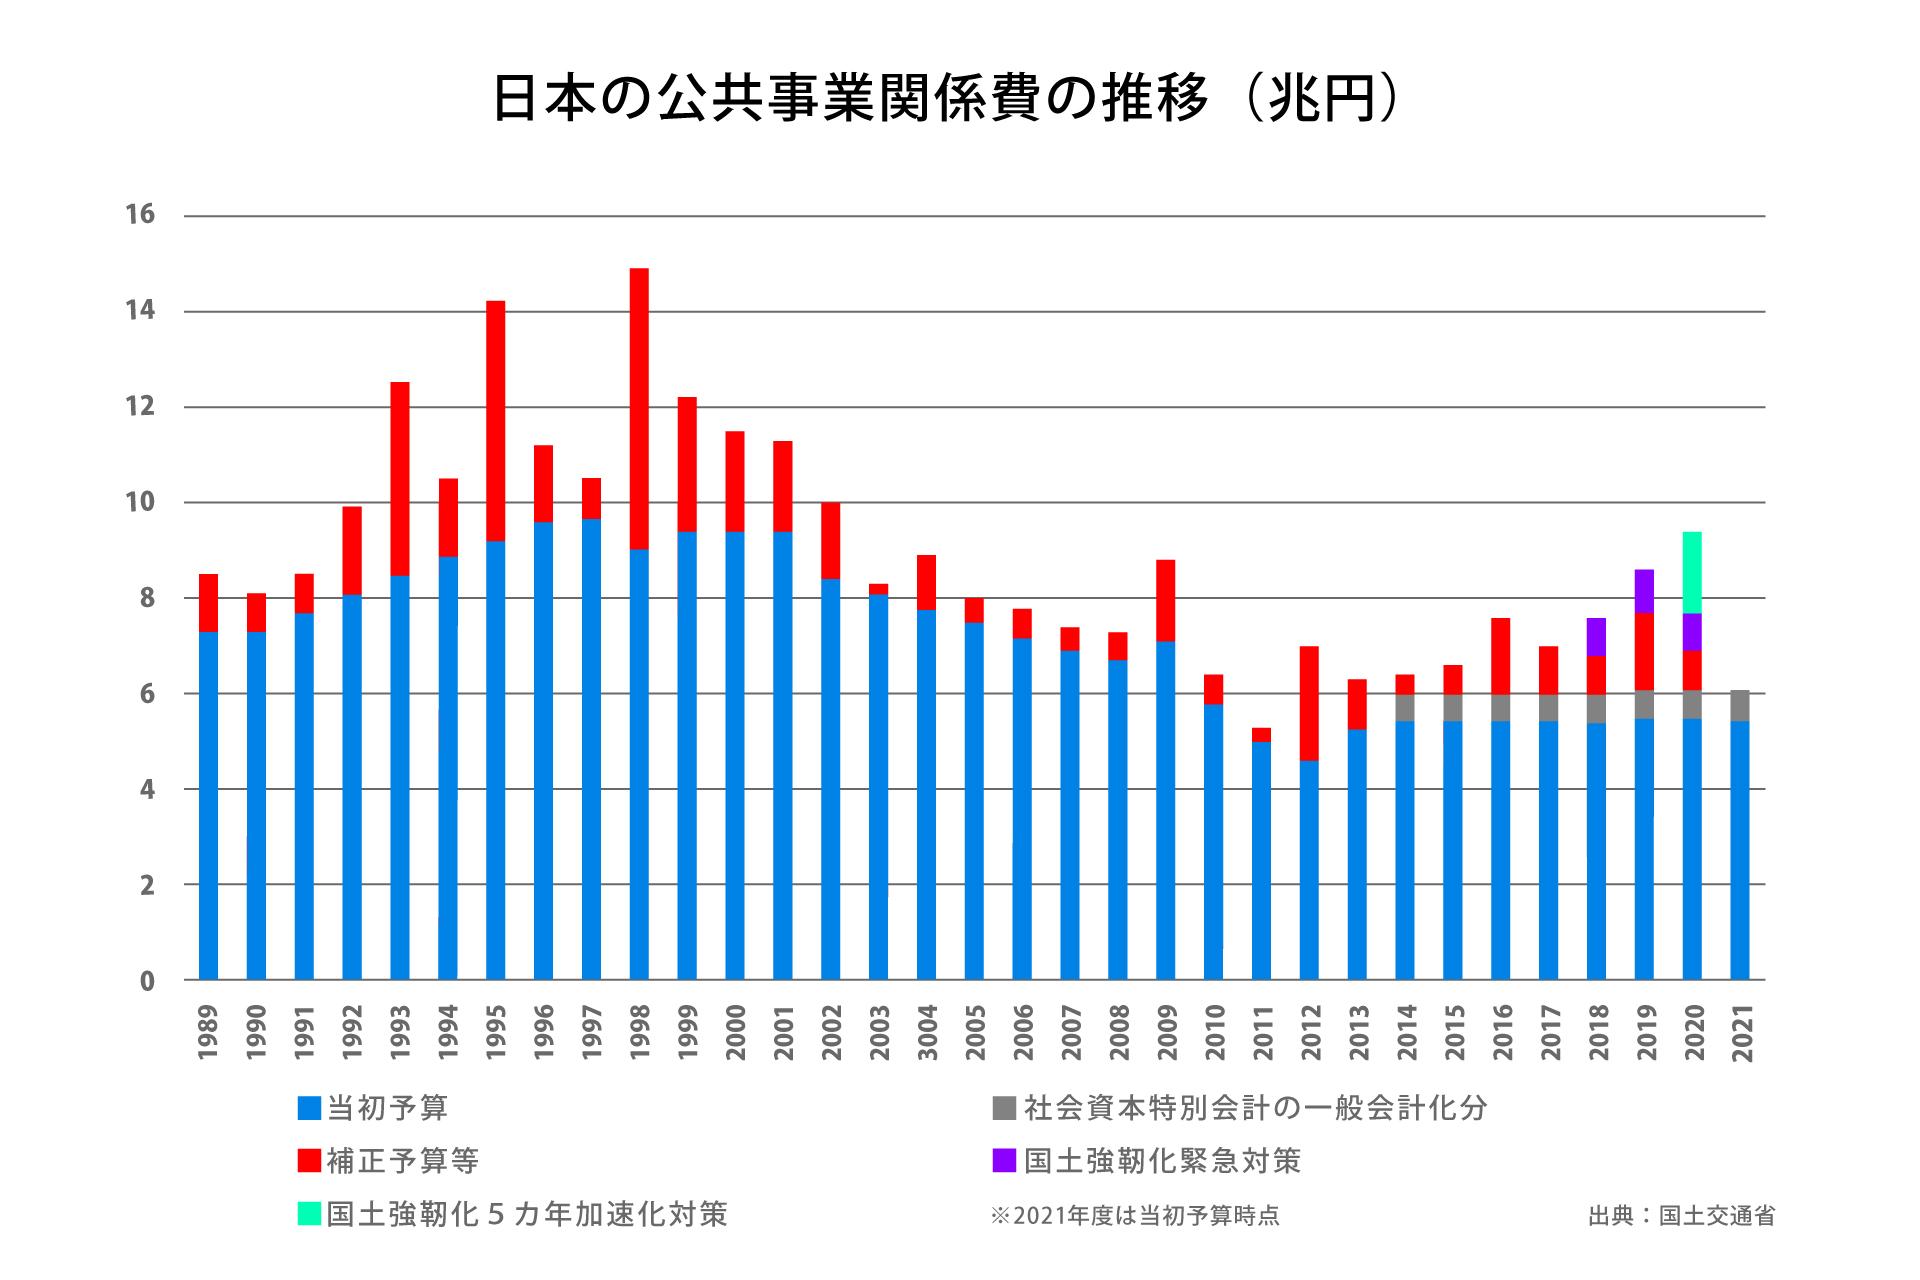 日本の公共事業関係費の推移